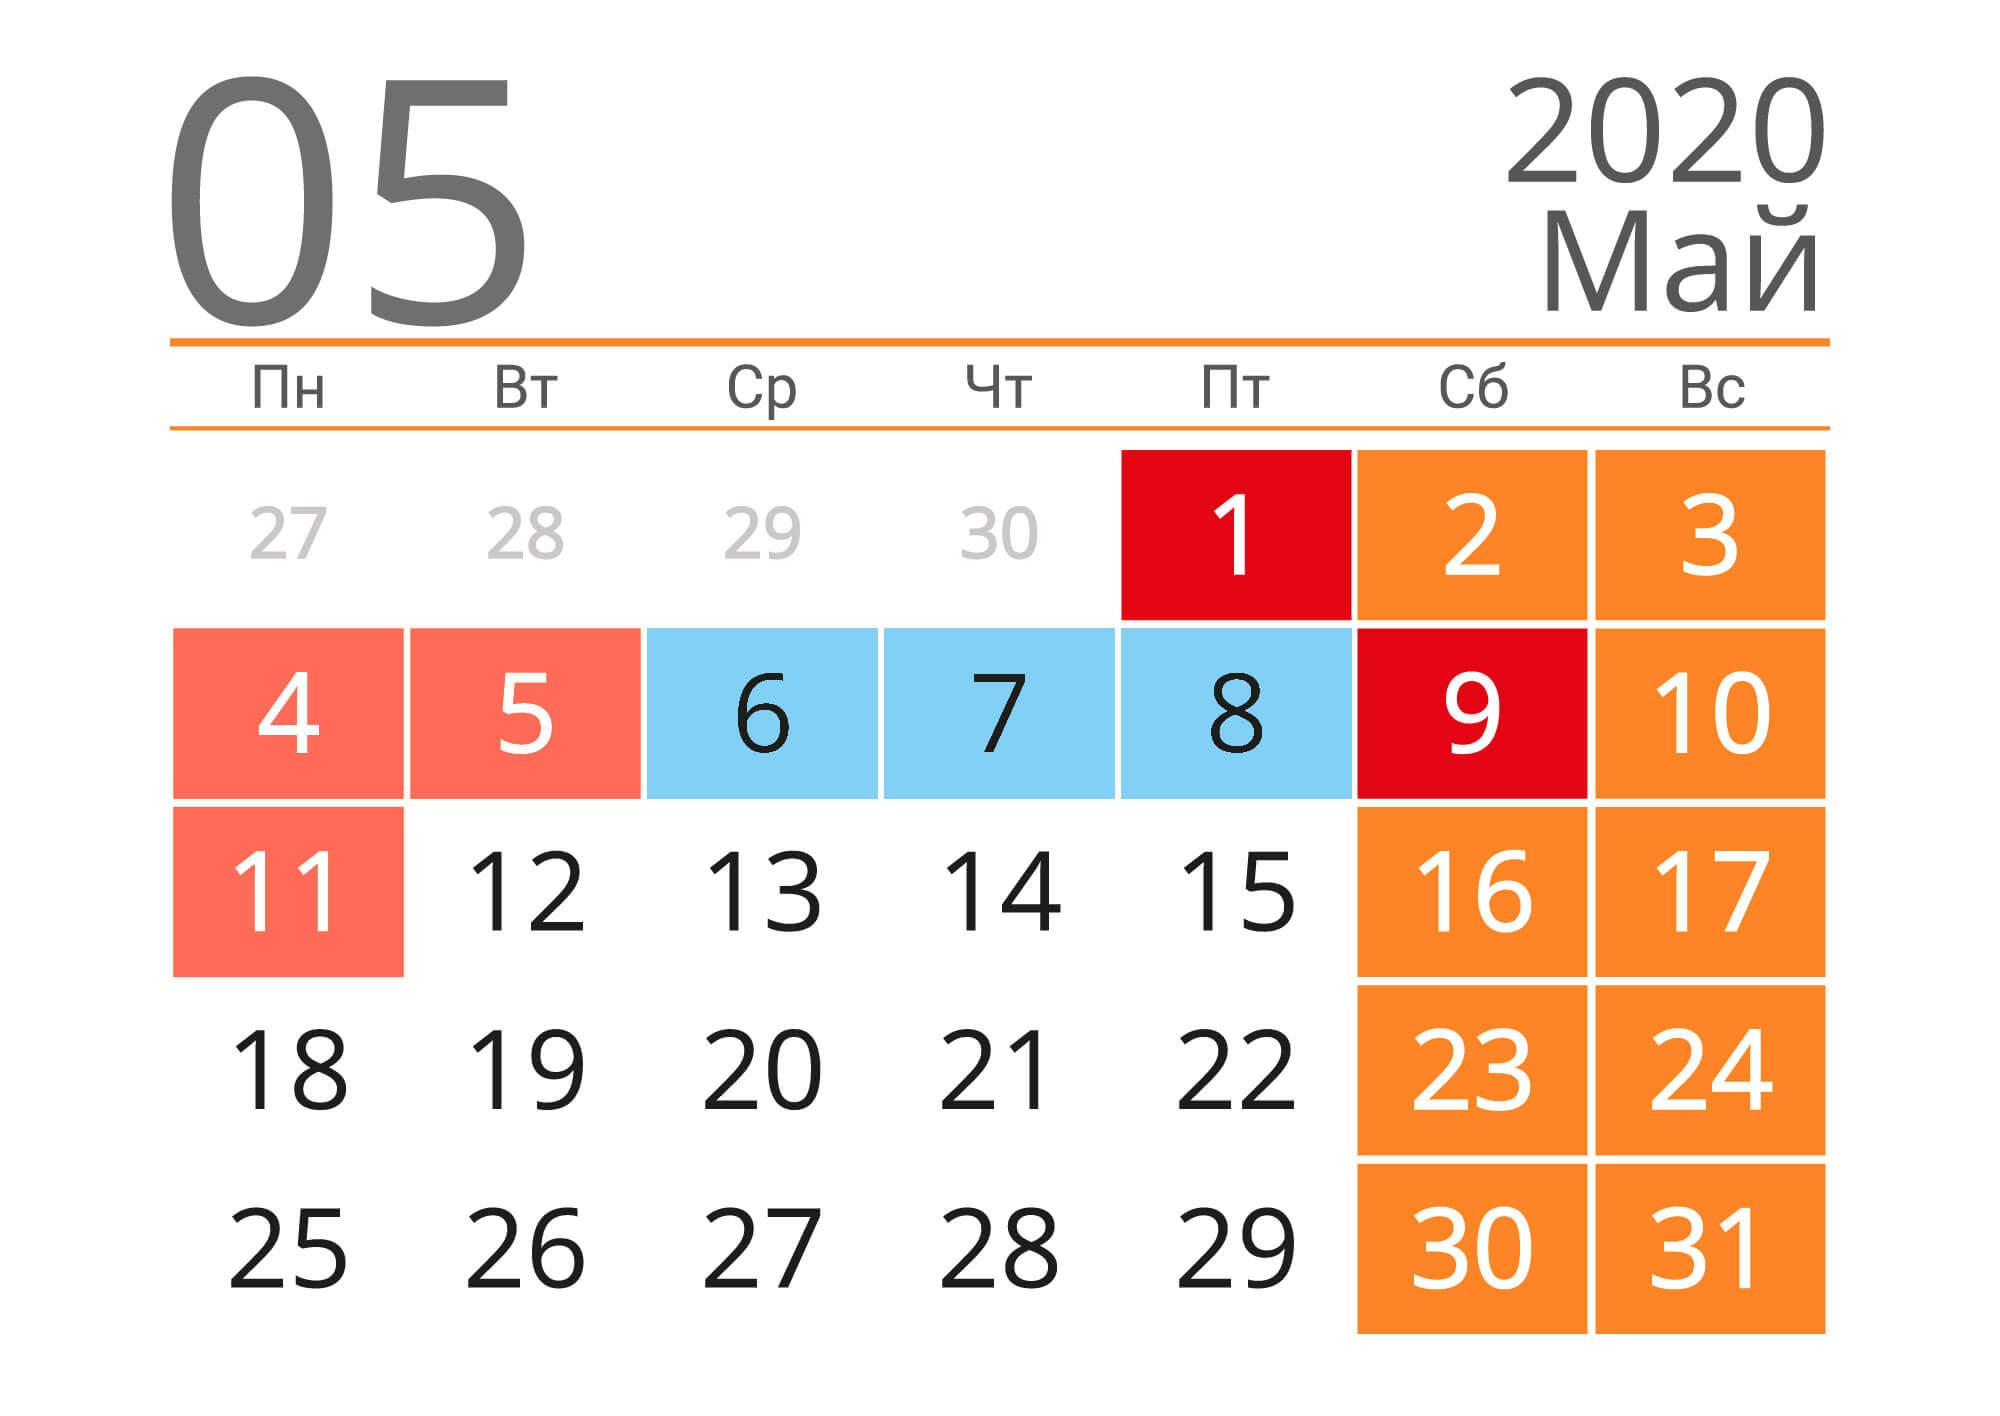 Производственный календарь на май 2020 года с учетом карантина - скачать/распечатать